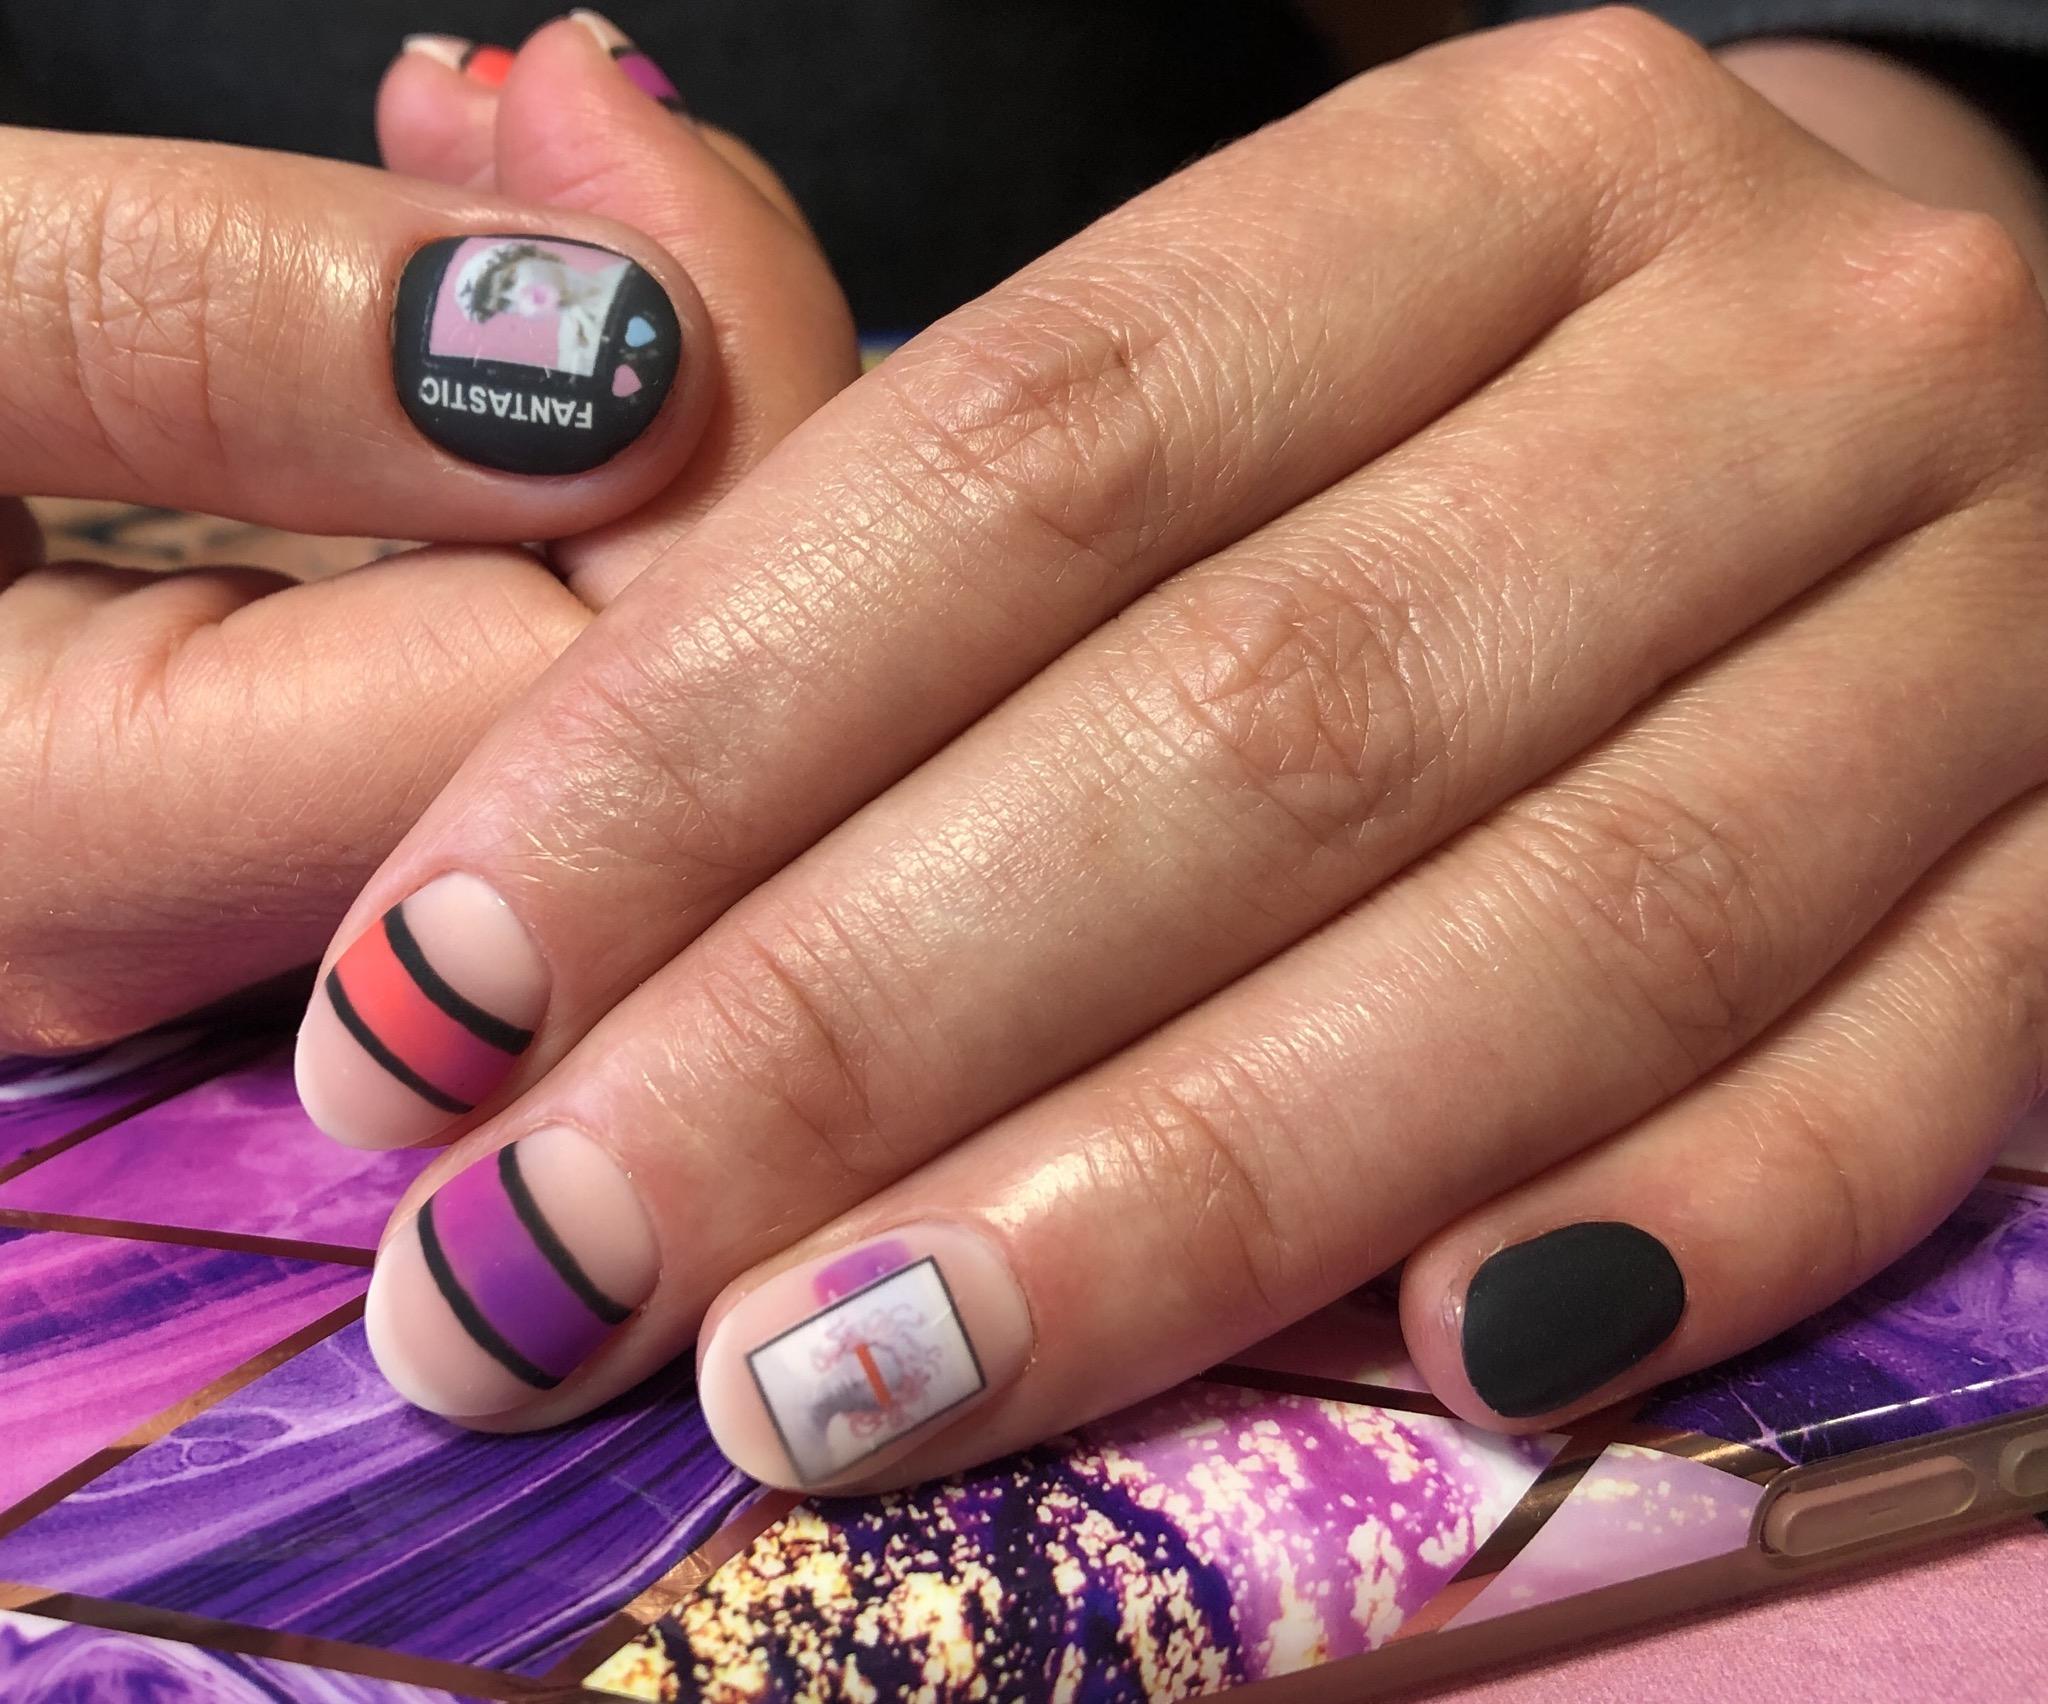 Матовый геометрический маникюр со слайдерами и надписями на короткие ногти.